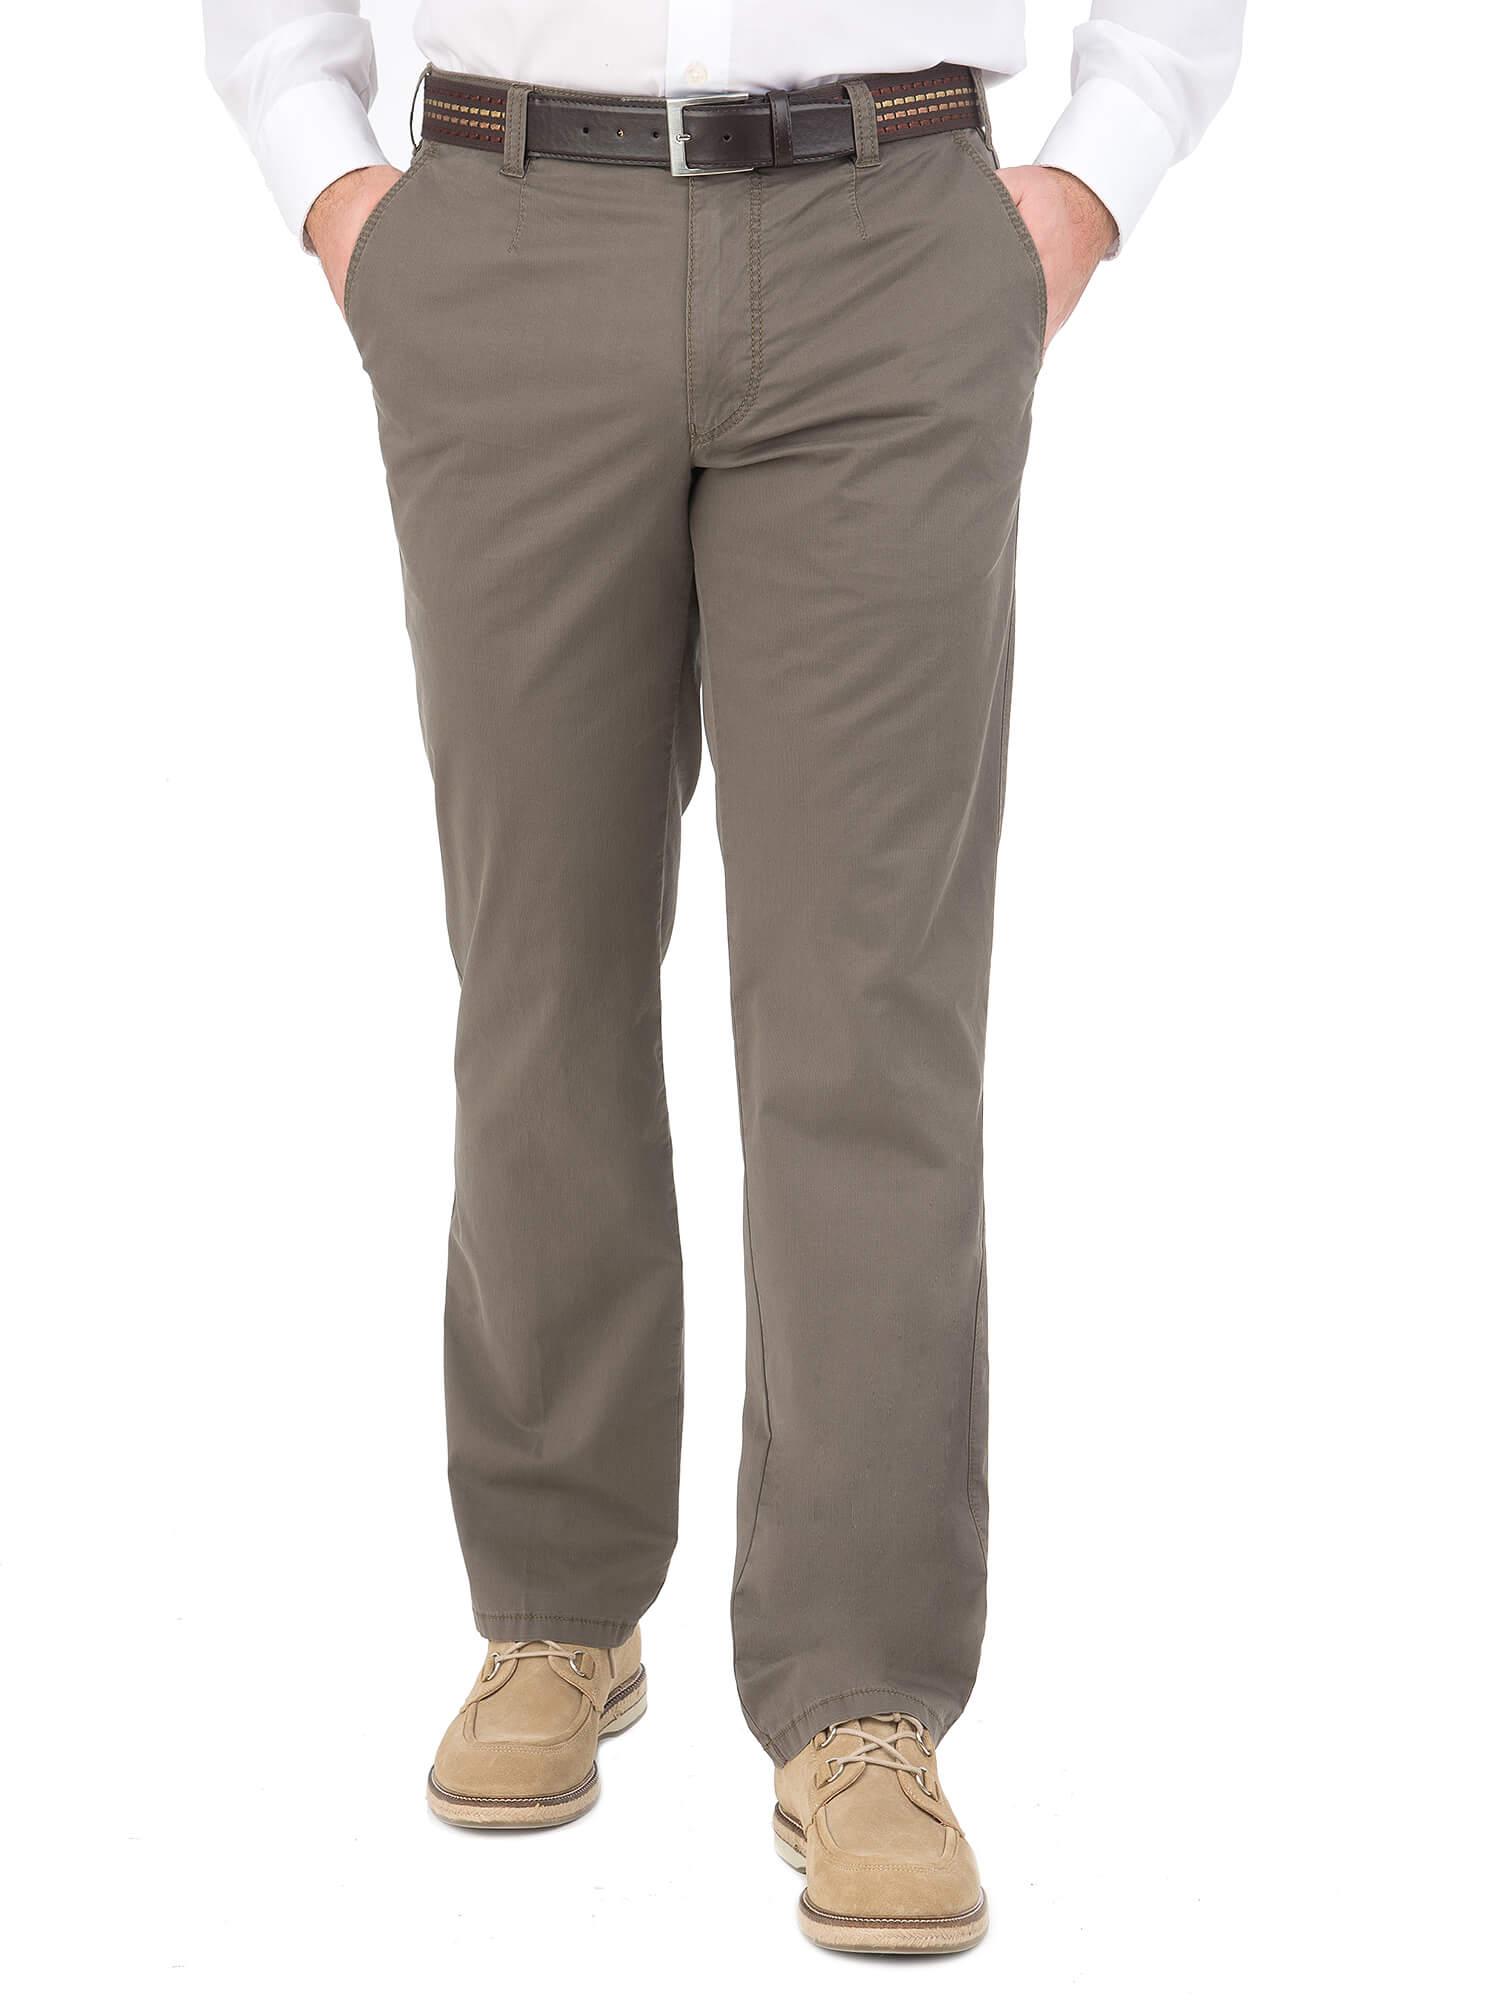 135ad20faa00c Магазин мужской одежды G.Gelingen